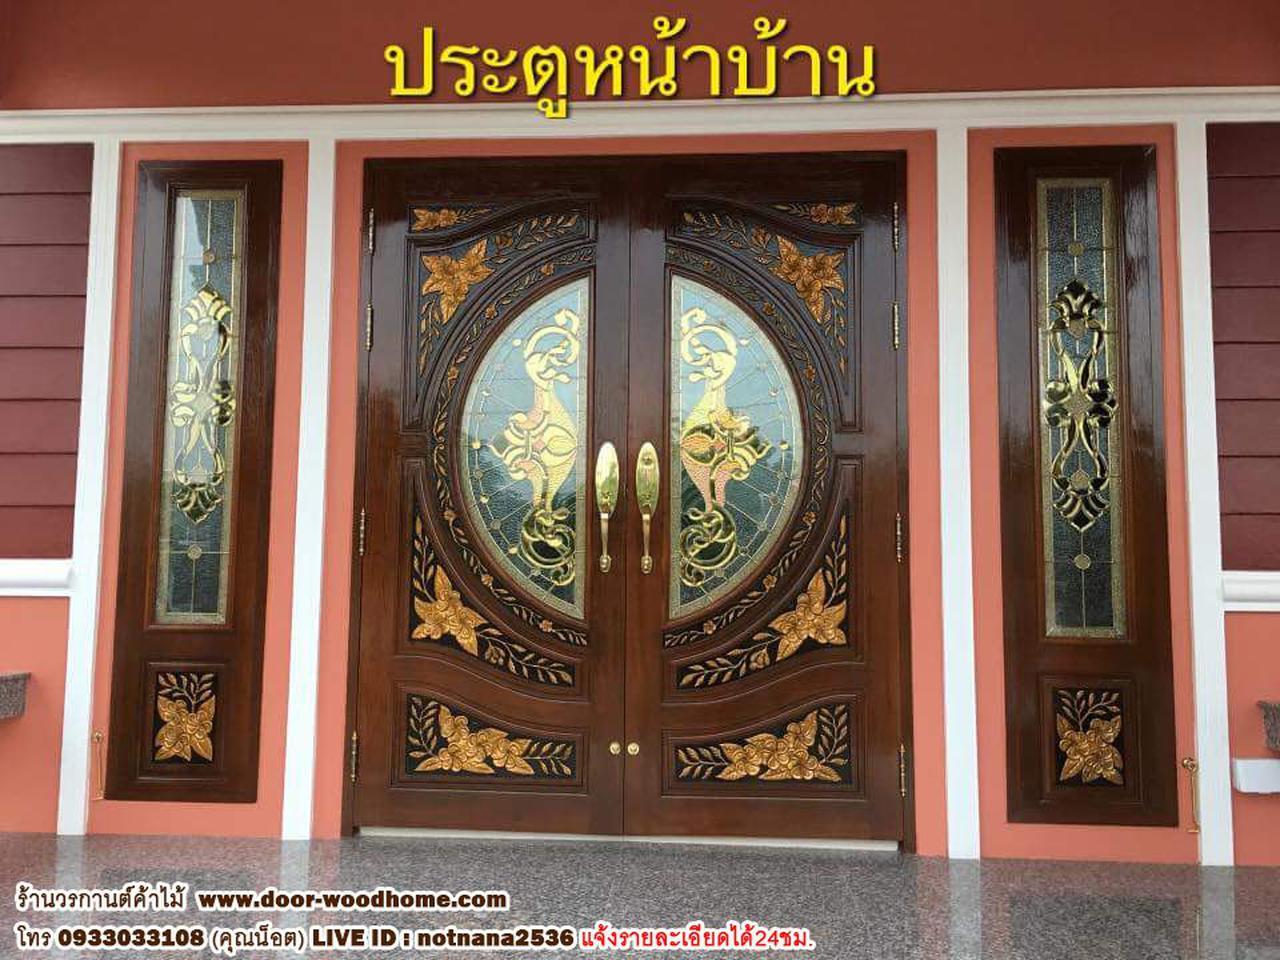 ประตูไม้สักกระจกนิรภัย , ประตูไม้สักบานคู่ ร้านวรกานต์ค้าไม้ door-woodhome.com รูปที่ 1